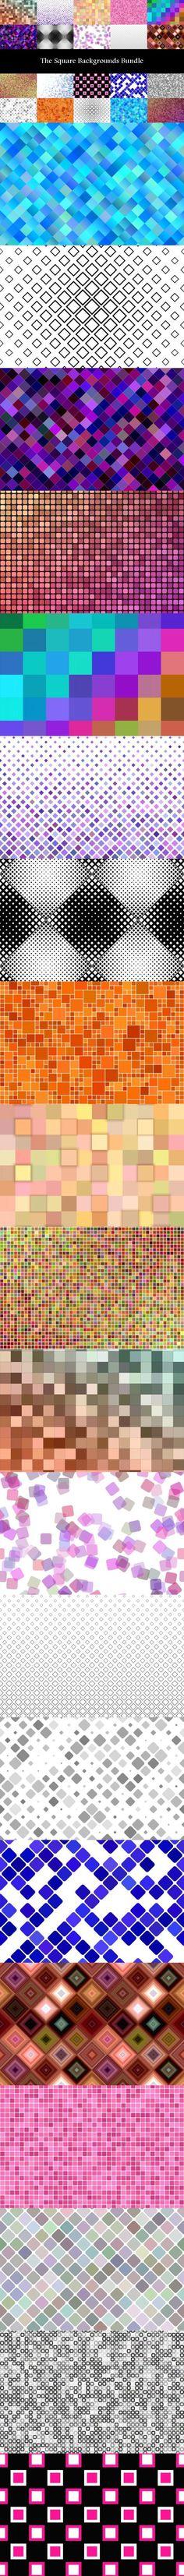 The Square Backgrounds Bundle #CheapVectorGraphic #geometric #VectorImages #PremiumVectorGraphics #CheapVectorBackgrounds #BackgroundSet #background #sale #PremiumVectorBackgrounds #multicoloredpatterns #CheapVectorBackground #zydd #squarebackgrounds #squaredesign #PremiumVectors #VectorBackground #multicolorpattern #sunrays